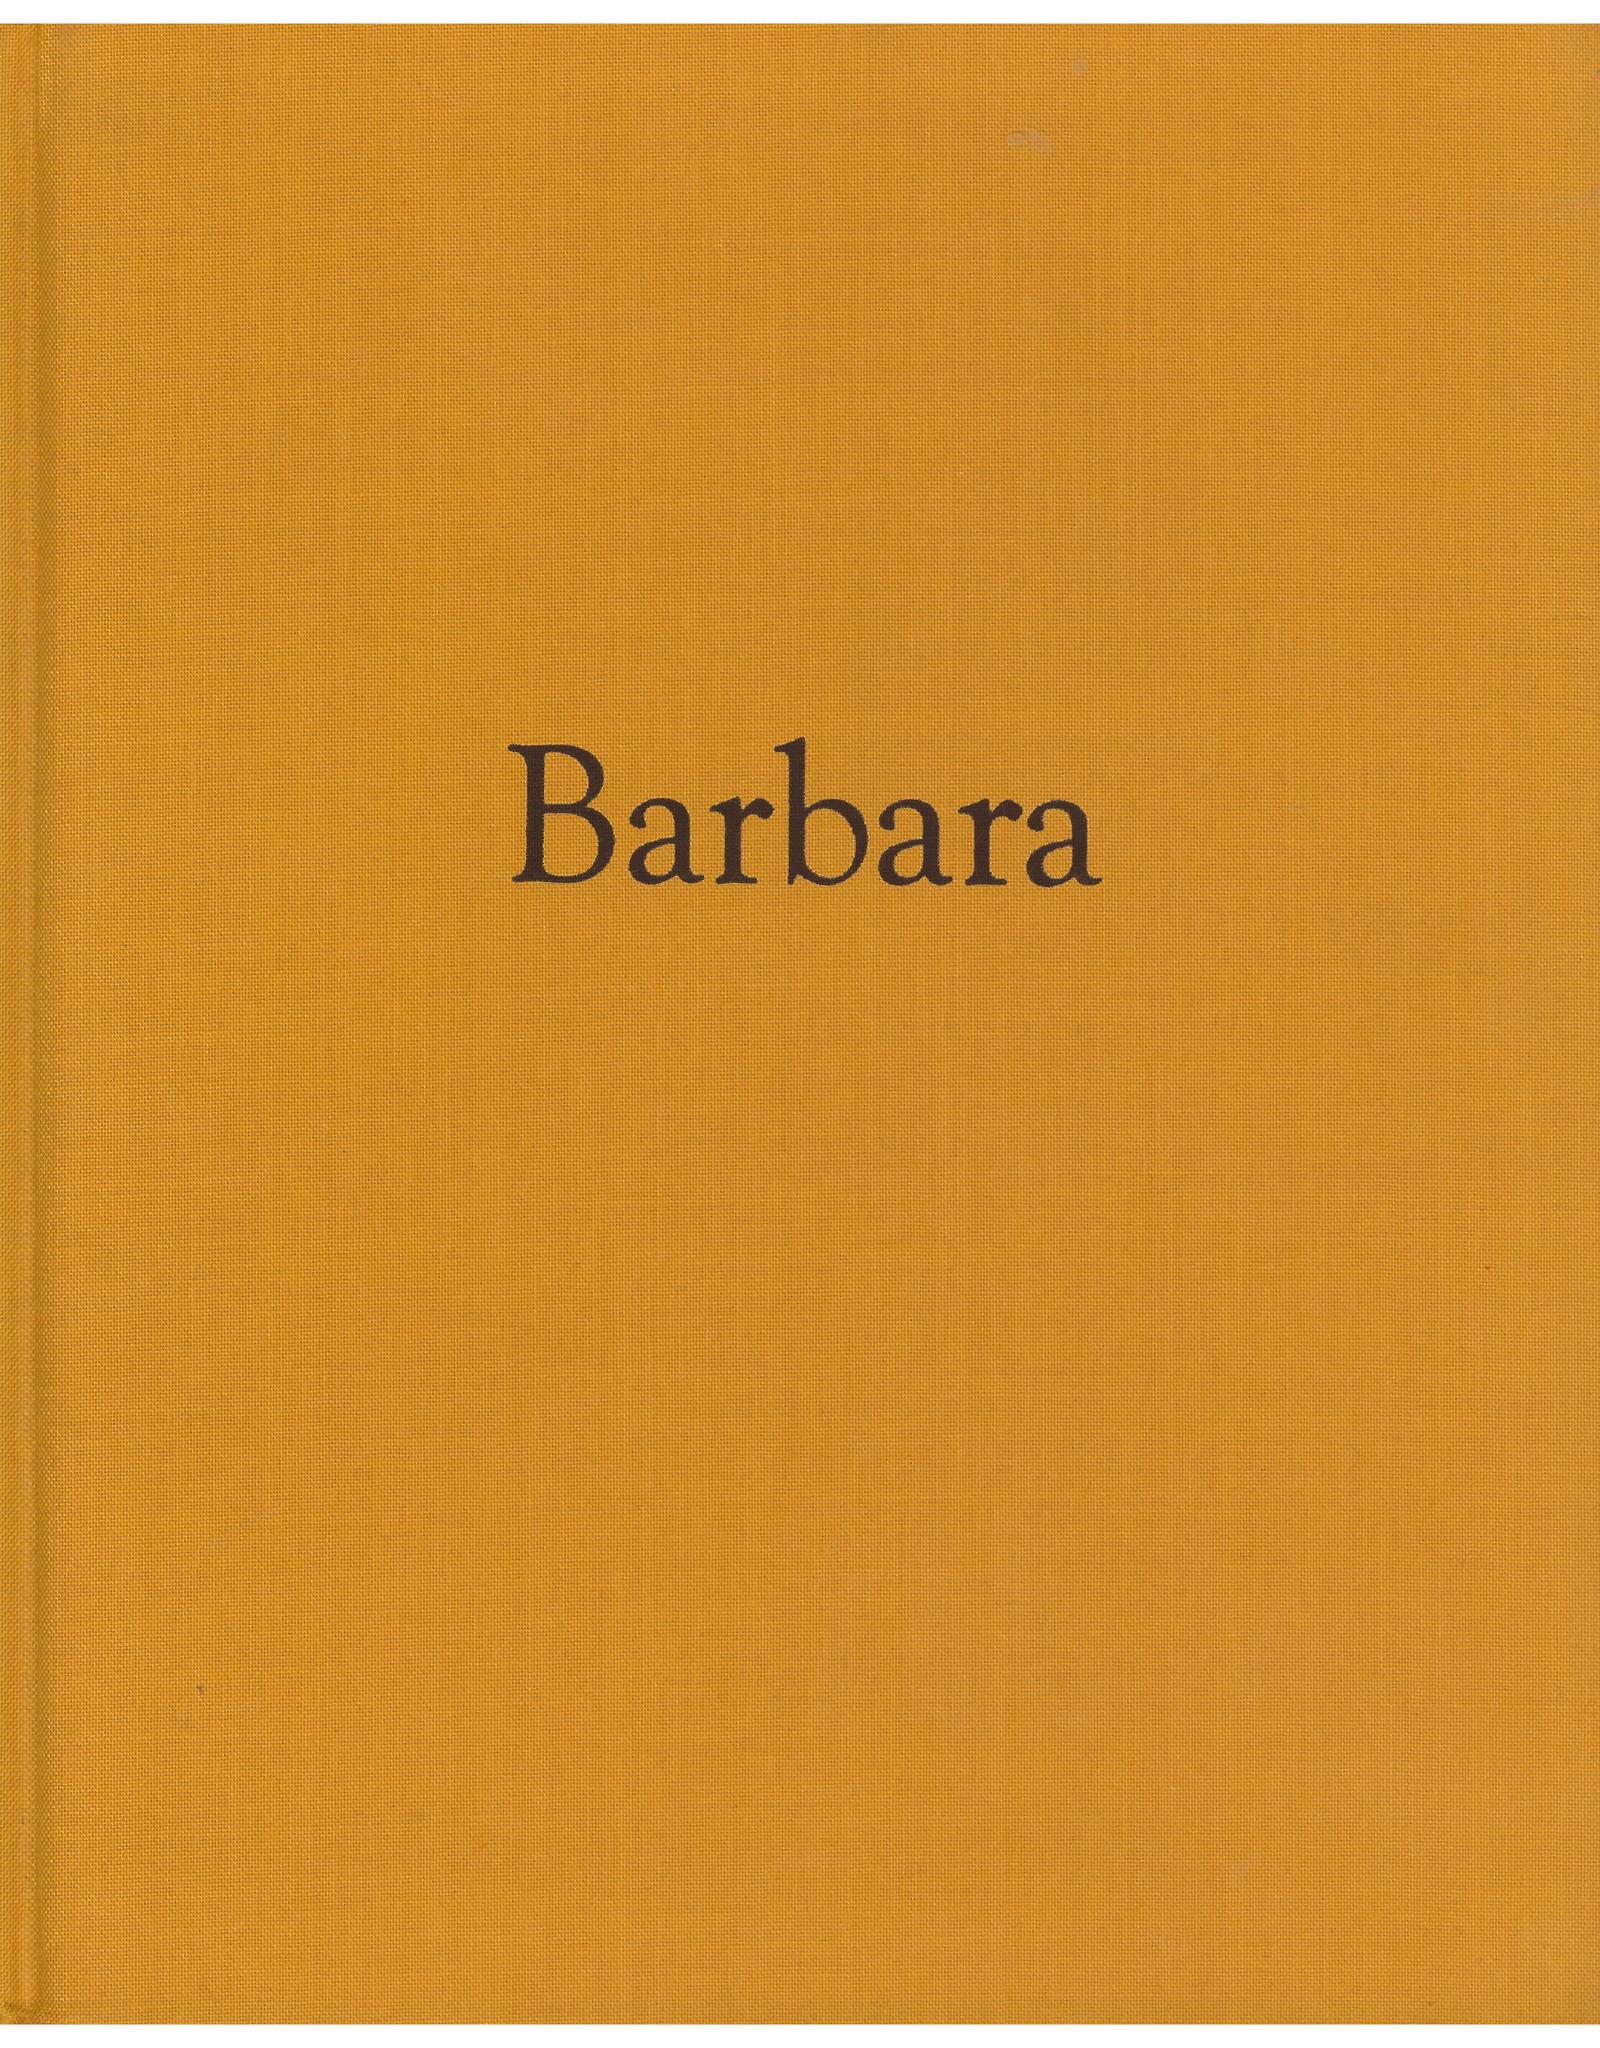 Barbara / Andrea Modica